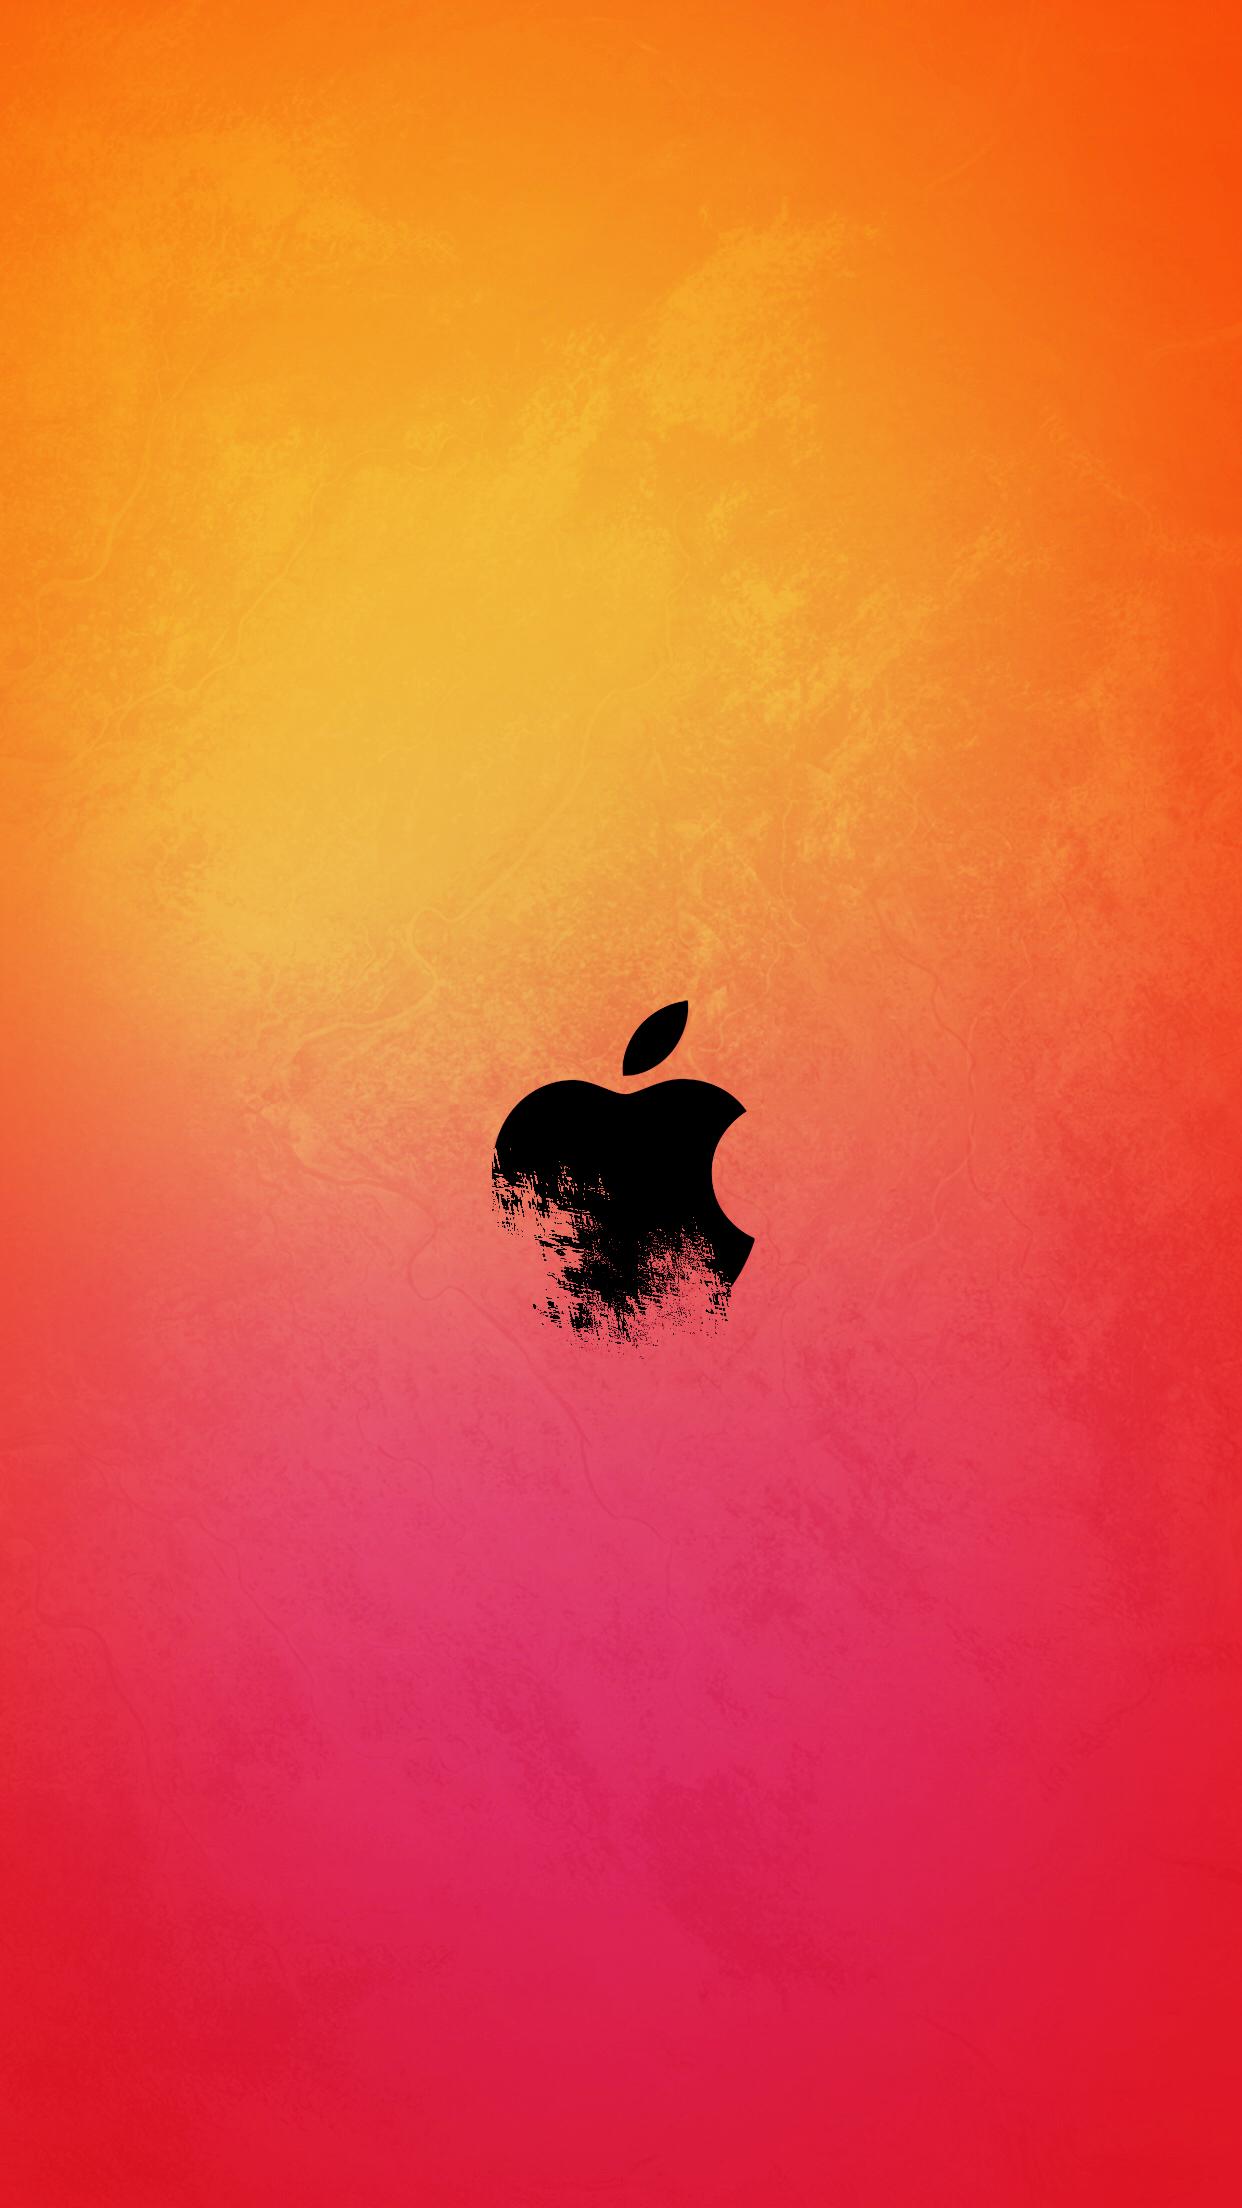 Wallpapers Voor Iphone Ipad Apple Watch En Desktop Voor